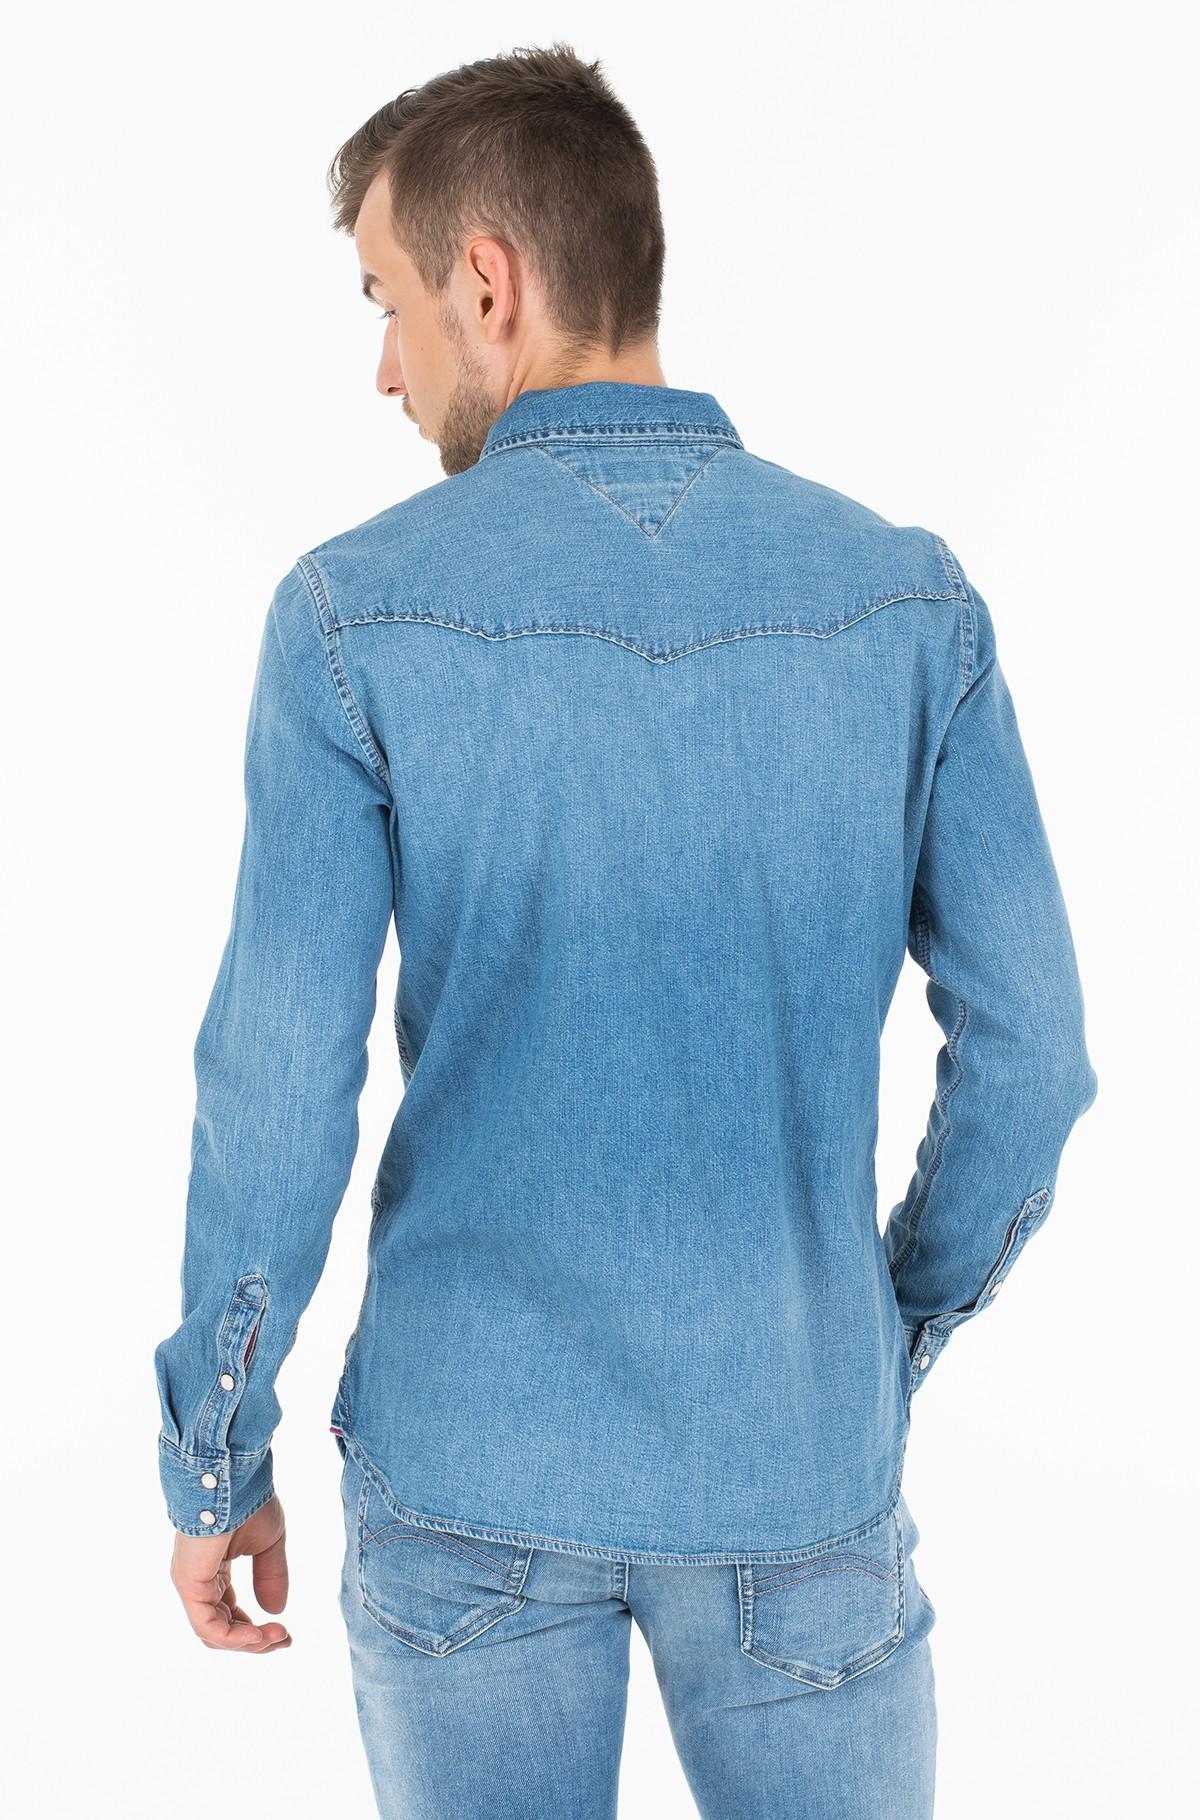 Džinsiniai marškiniai WESTERN DENIM SHIRT MSLB-full-3